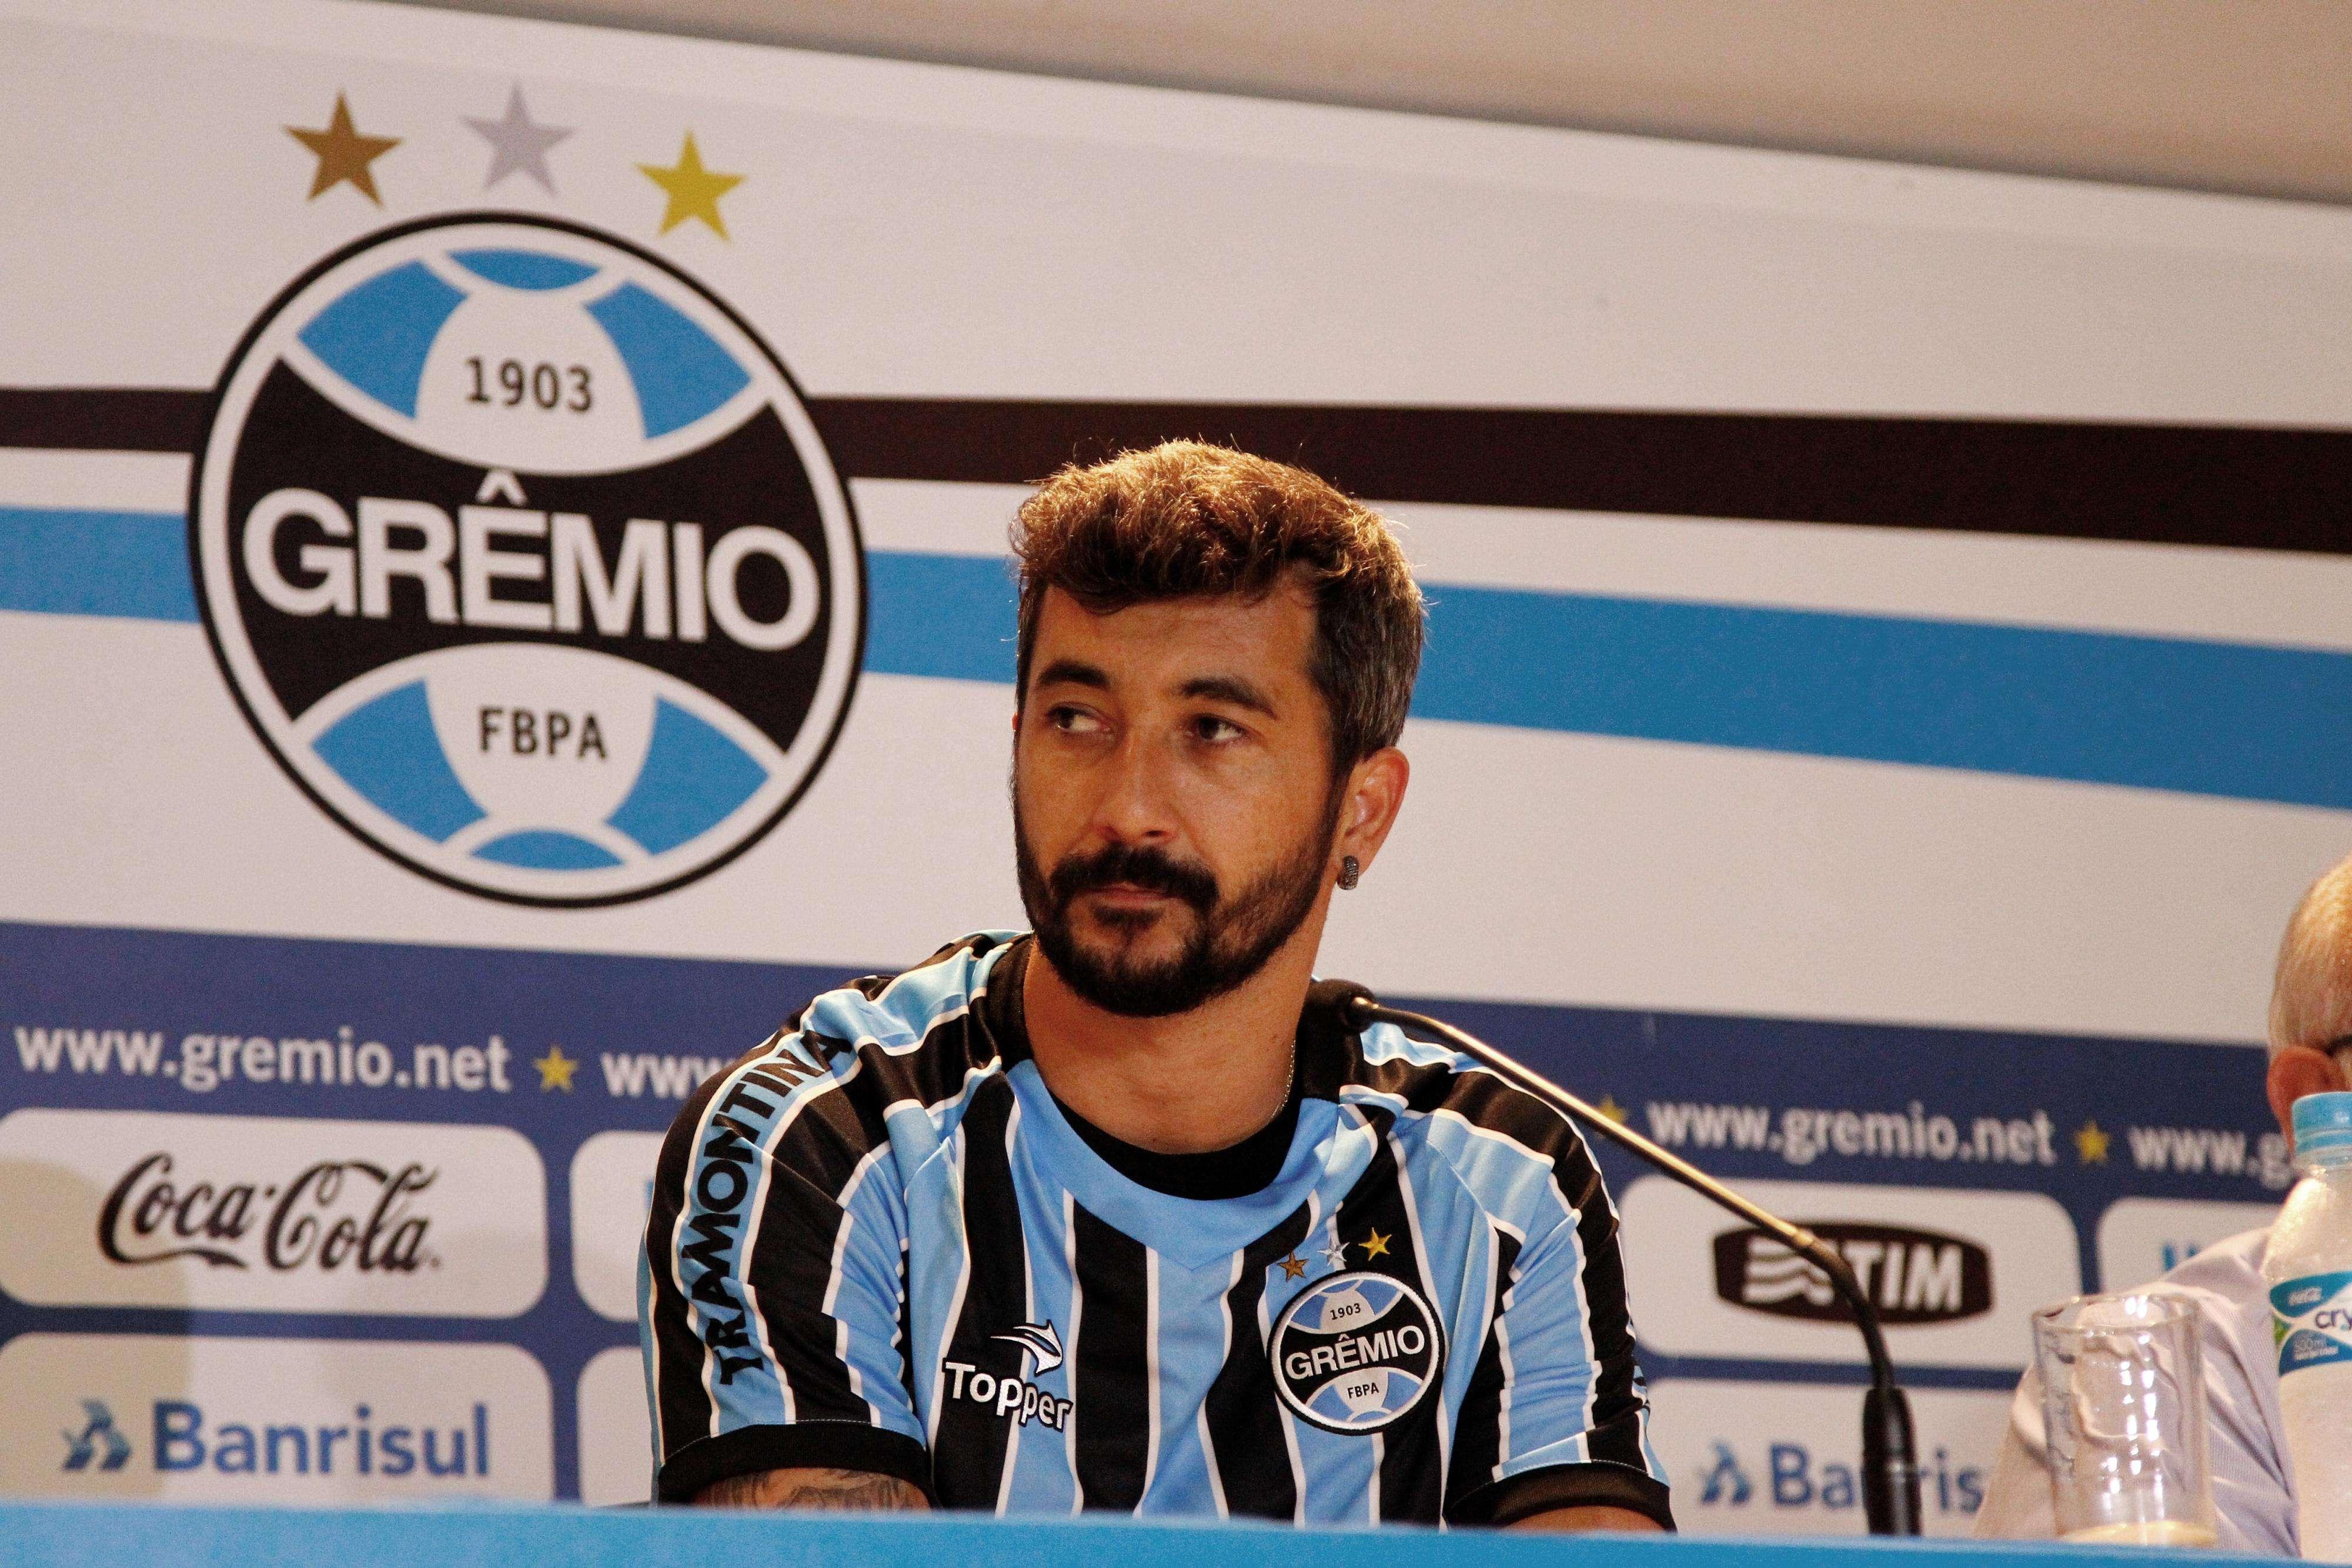 Douglas volta a vestir a camisa do Grêmio Foto: Rodrigo Fatturi / Grêmio/Divulgação